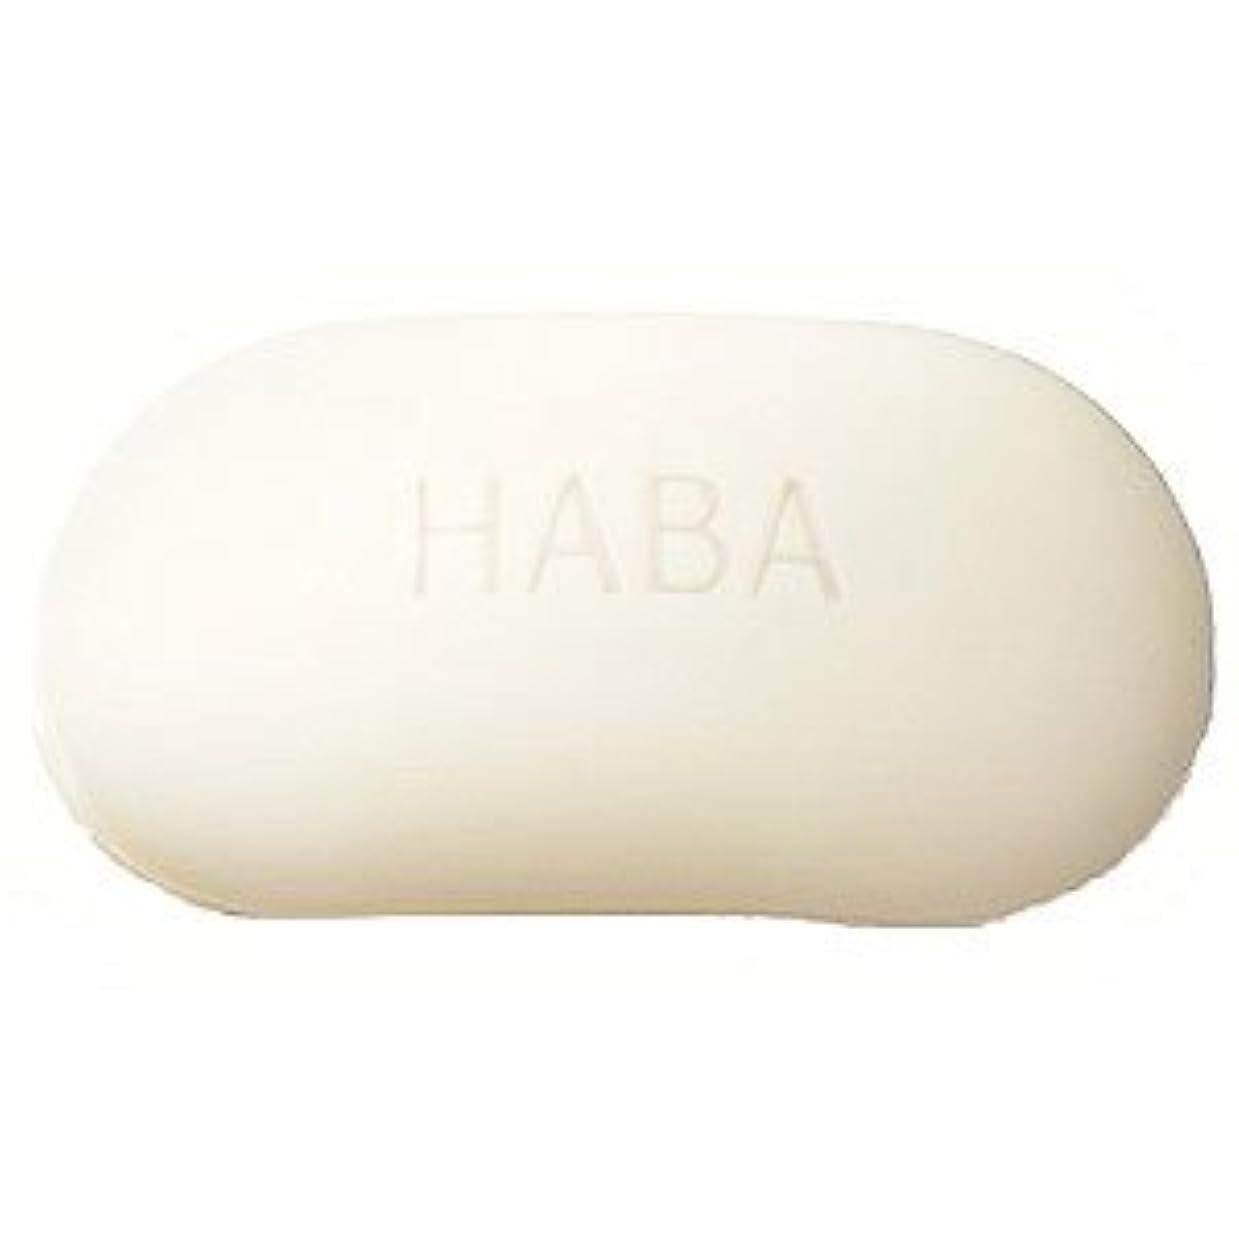 トピック活性化する家主HABA 絹泡石けん 2個組<HABA/ハーバー(ハーバー研究所)>